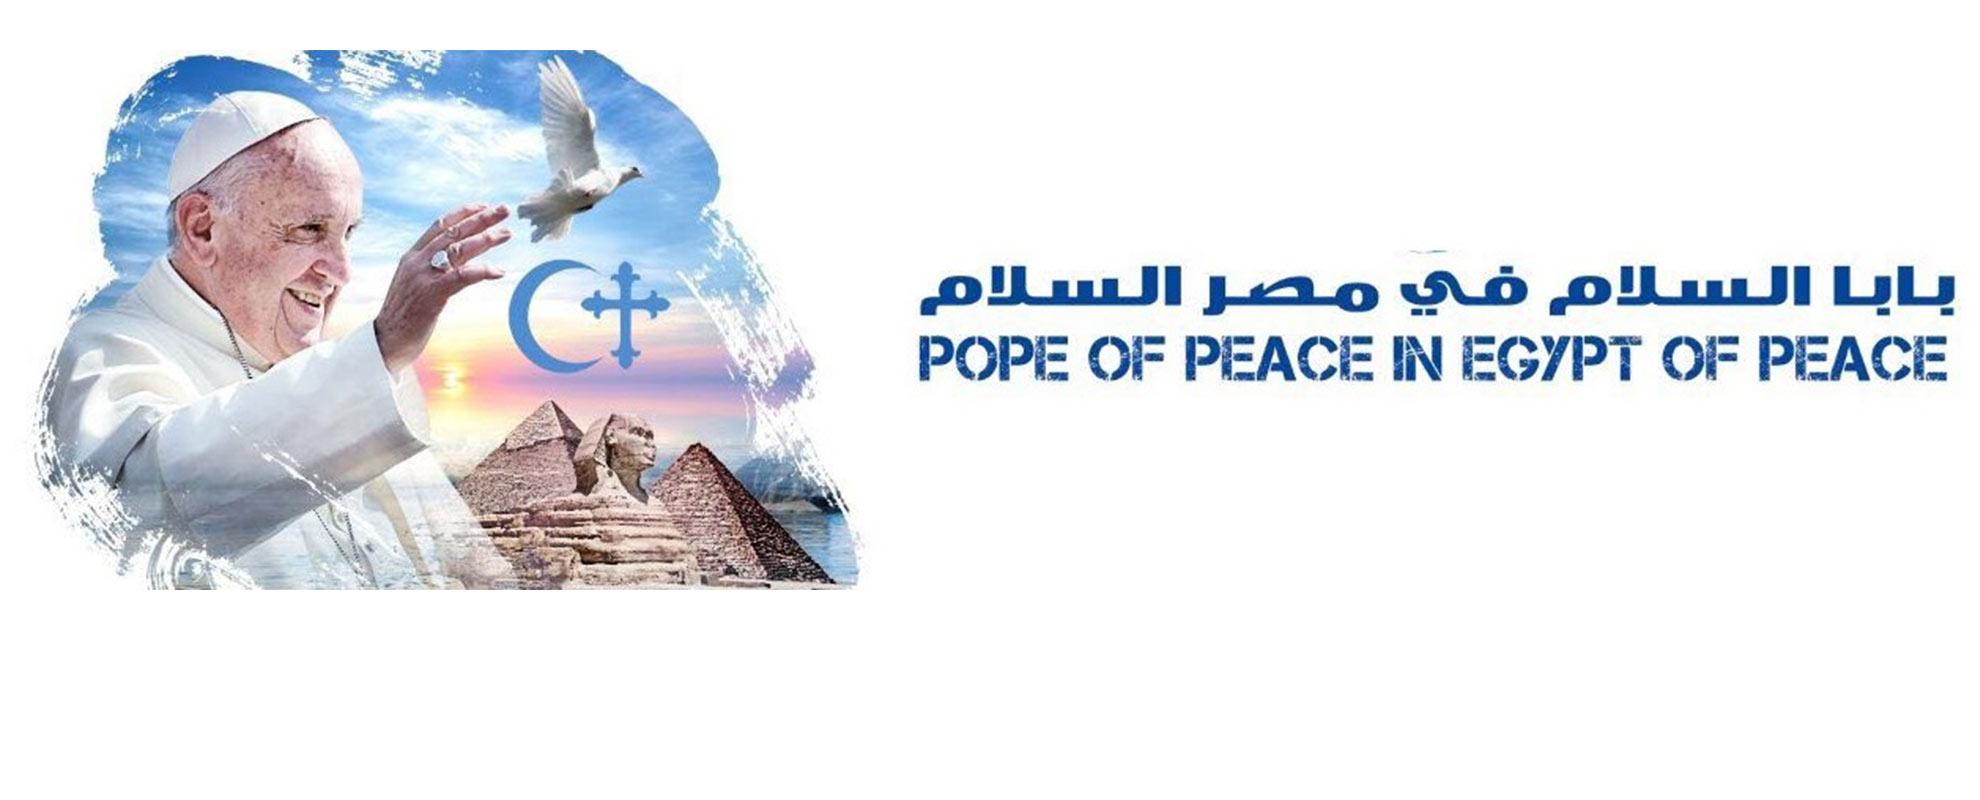 Le pape François en Égypte « recoudre les liens avec l'Islam »